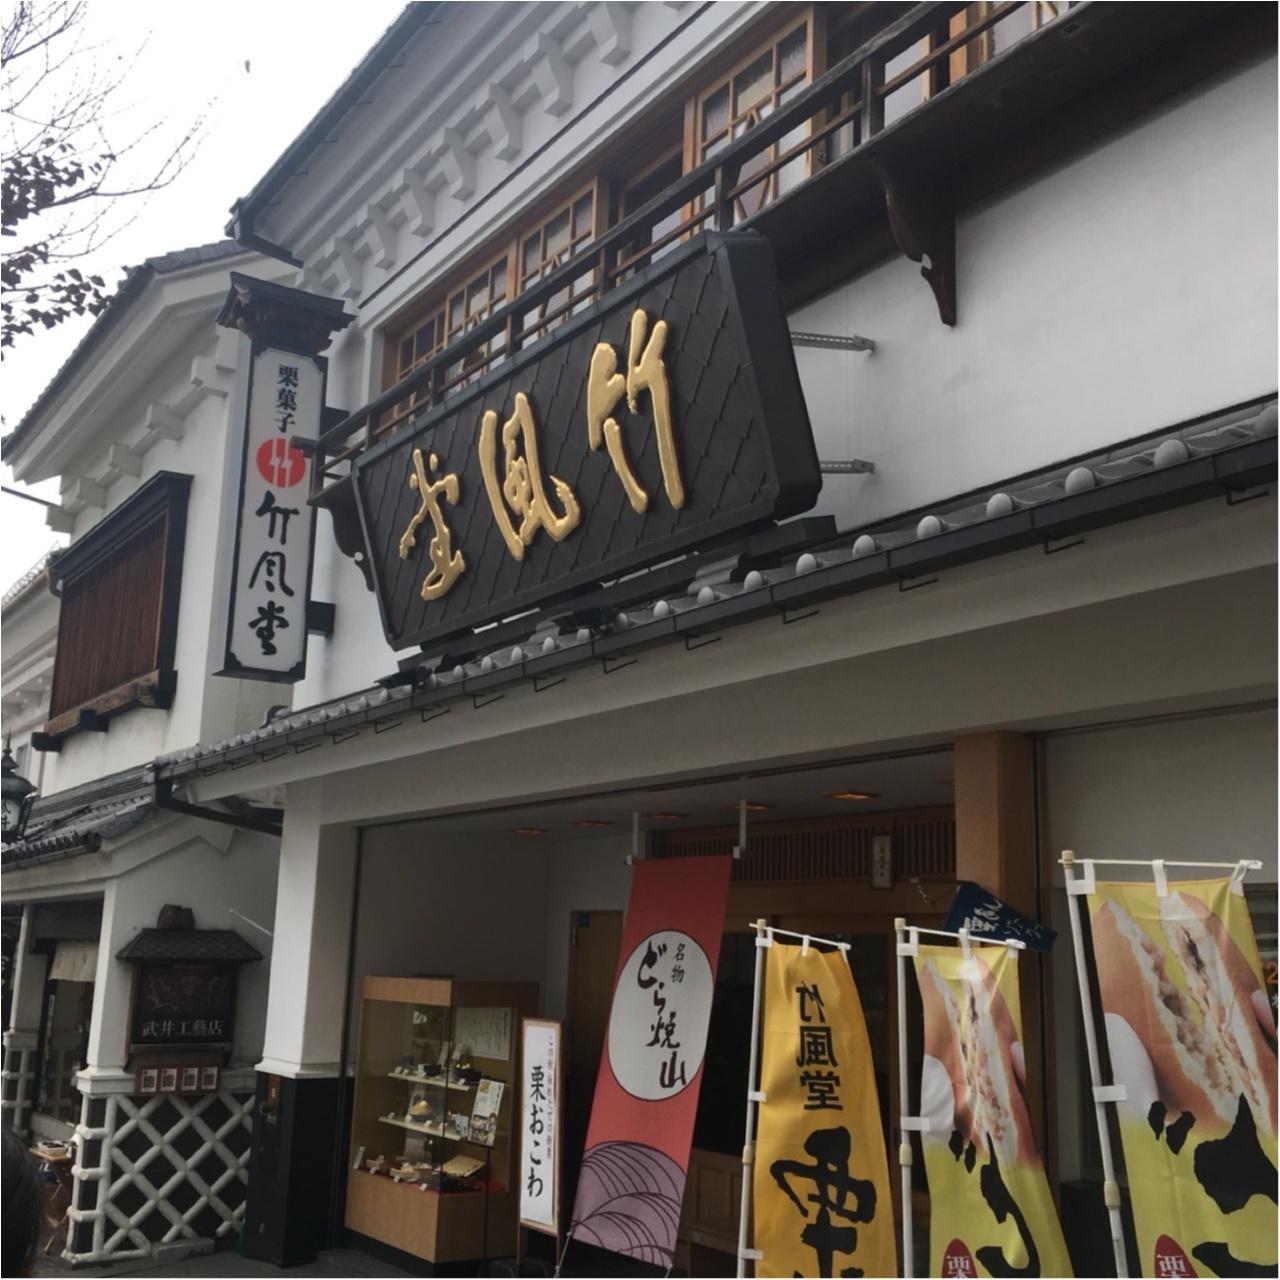 軽井沢女子旅特集 - 日帰り旅行も! 自然を満喫できるモデルコースやおすすめグルメ、人気の星野リゾートまとめ_52